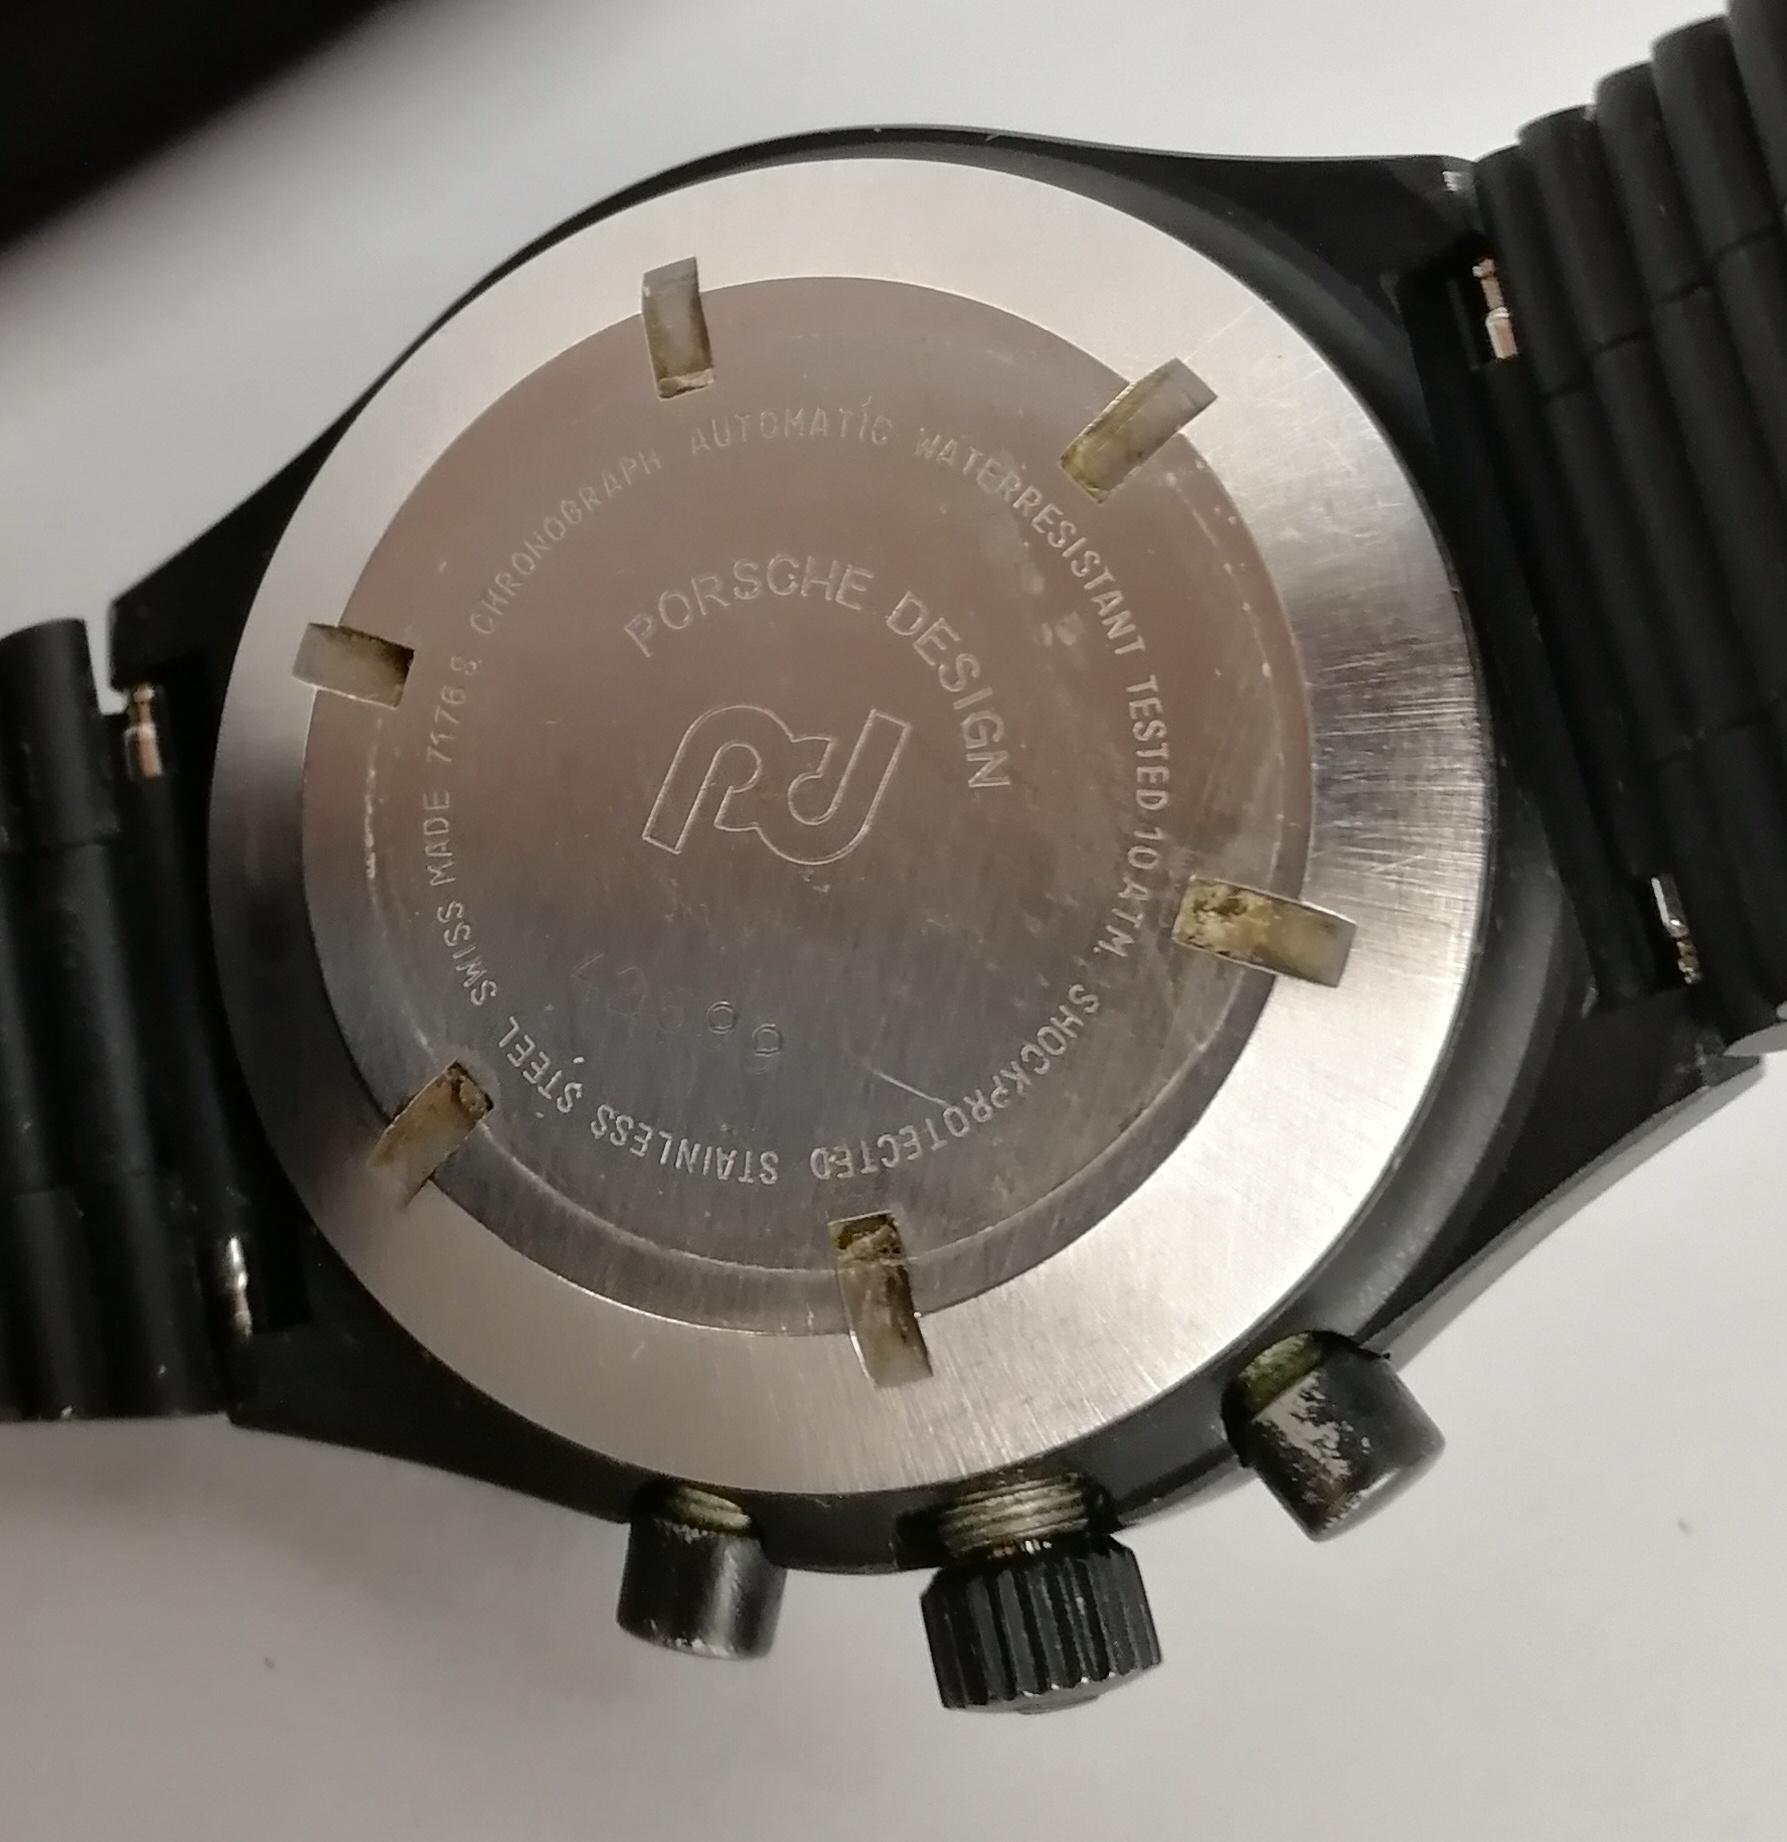 Lot 36 - ORFINA. Orologio da uomo in acciaio nero, modello Porsche Design crono automatico, con bracciale